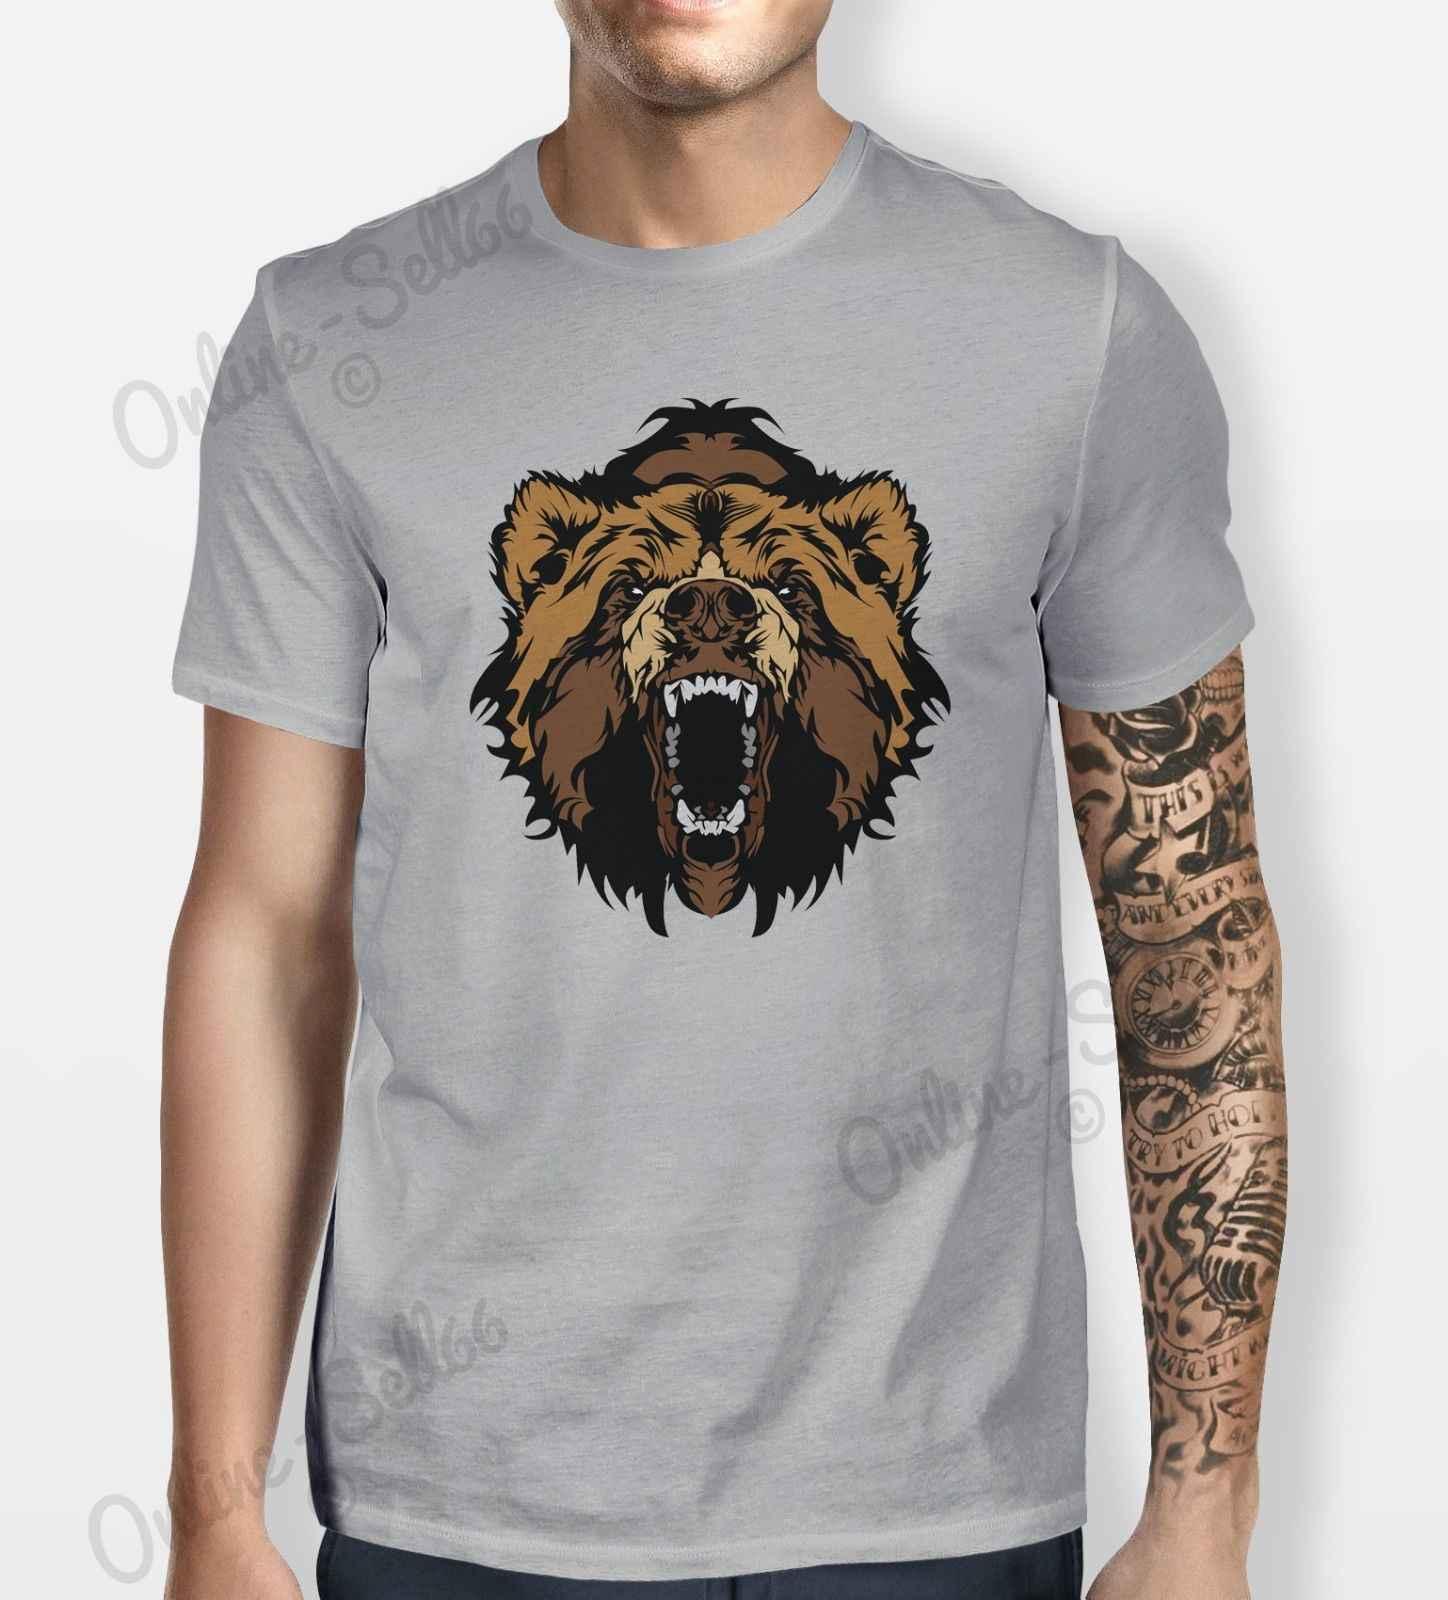 الدب أشيب التي شيرت MeCns المرأة قميص تي شيرت الحيوان الجبل الأسود براون البرية الوجه الصيف س الرقبة تي شيرت ، شحن مجاني رخيصة تي شيرت